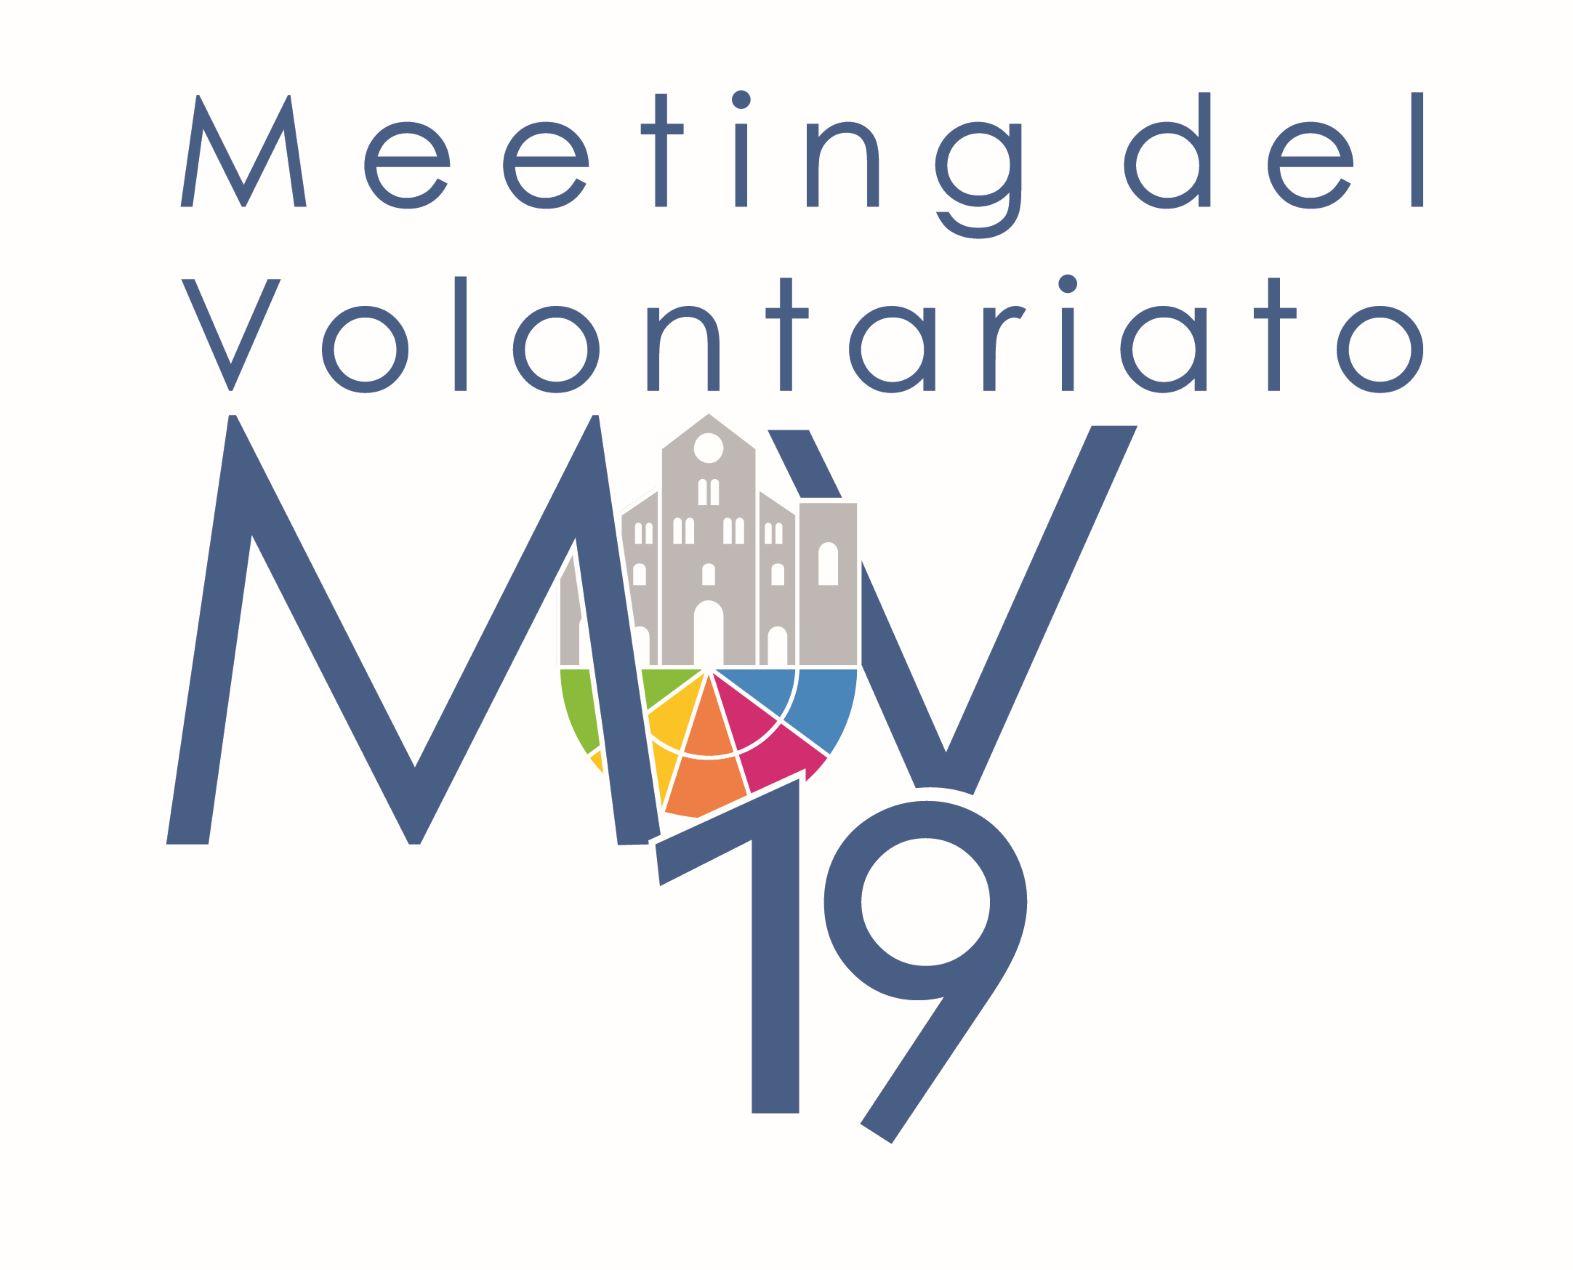 Meeting del Volontariato 2019  - Nuove GenerAzioni - dal 14 al 22 Settembre 2019 - Fiera del Levante di Bari